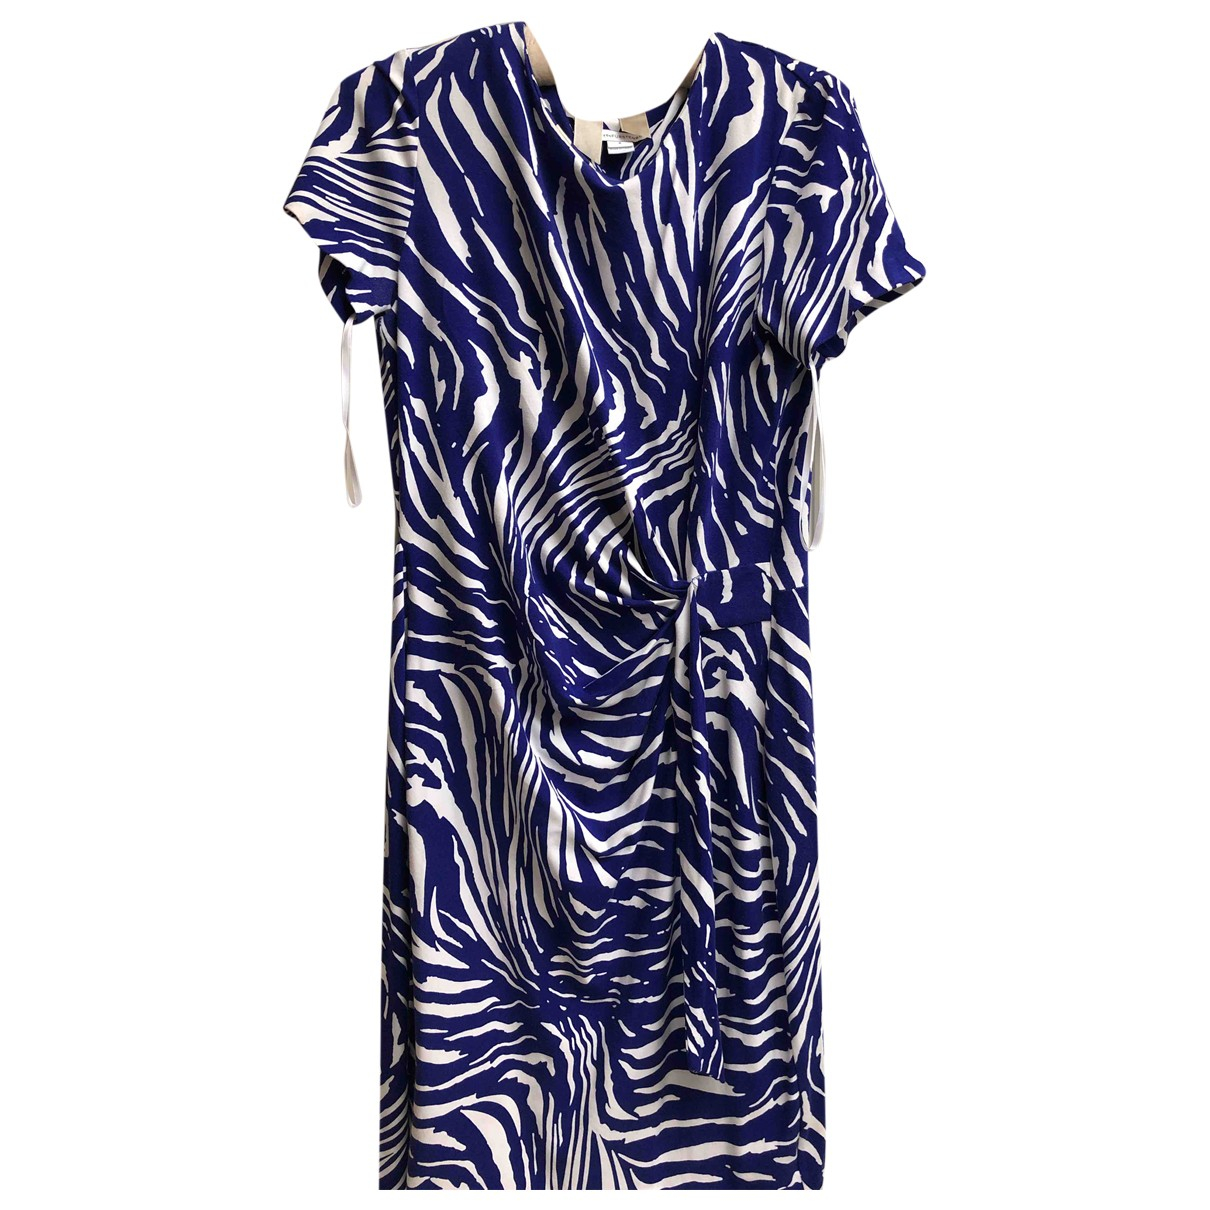 Diane Von Furstenberg \N Blue Cotton - elasthane dress for Women 12 UK